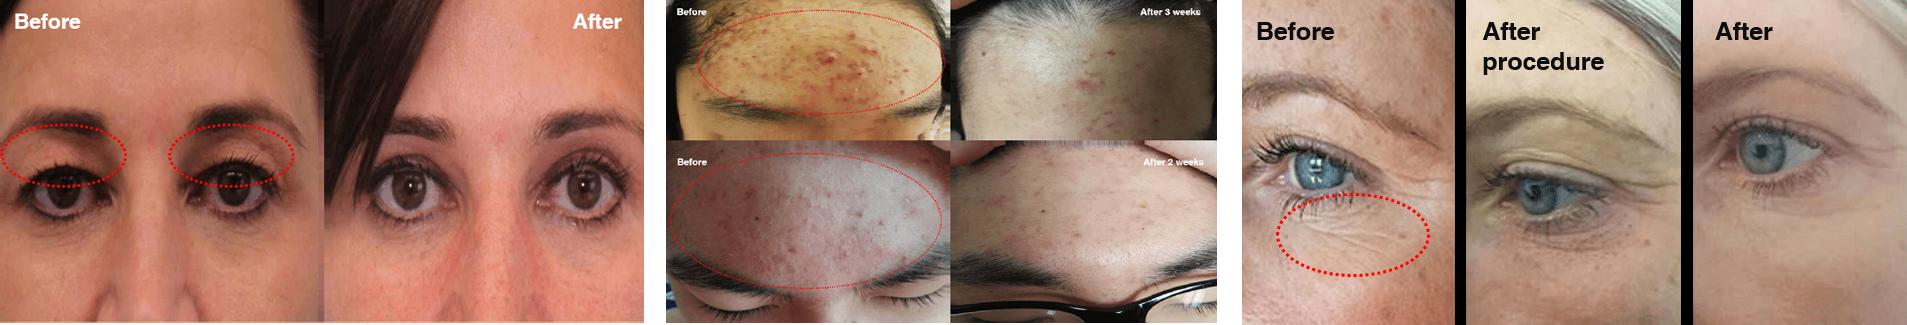 ANTES Y DESPUES plasma bt parpados acne cicatrices